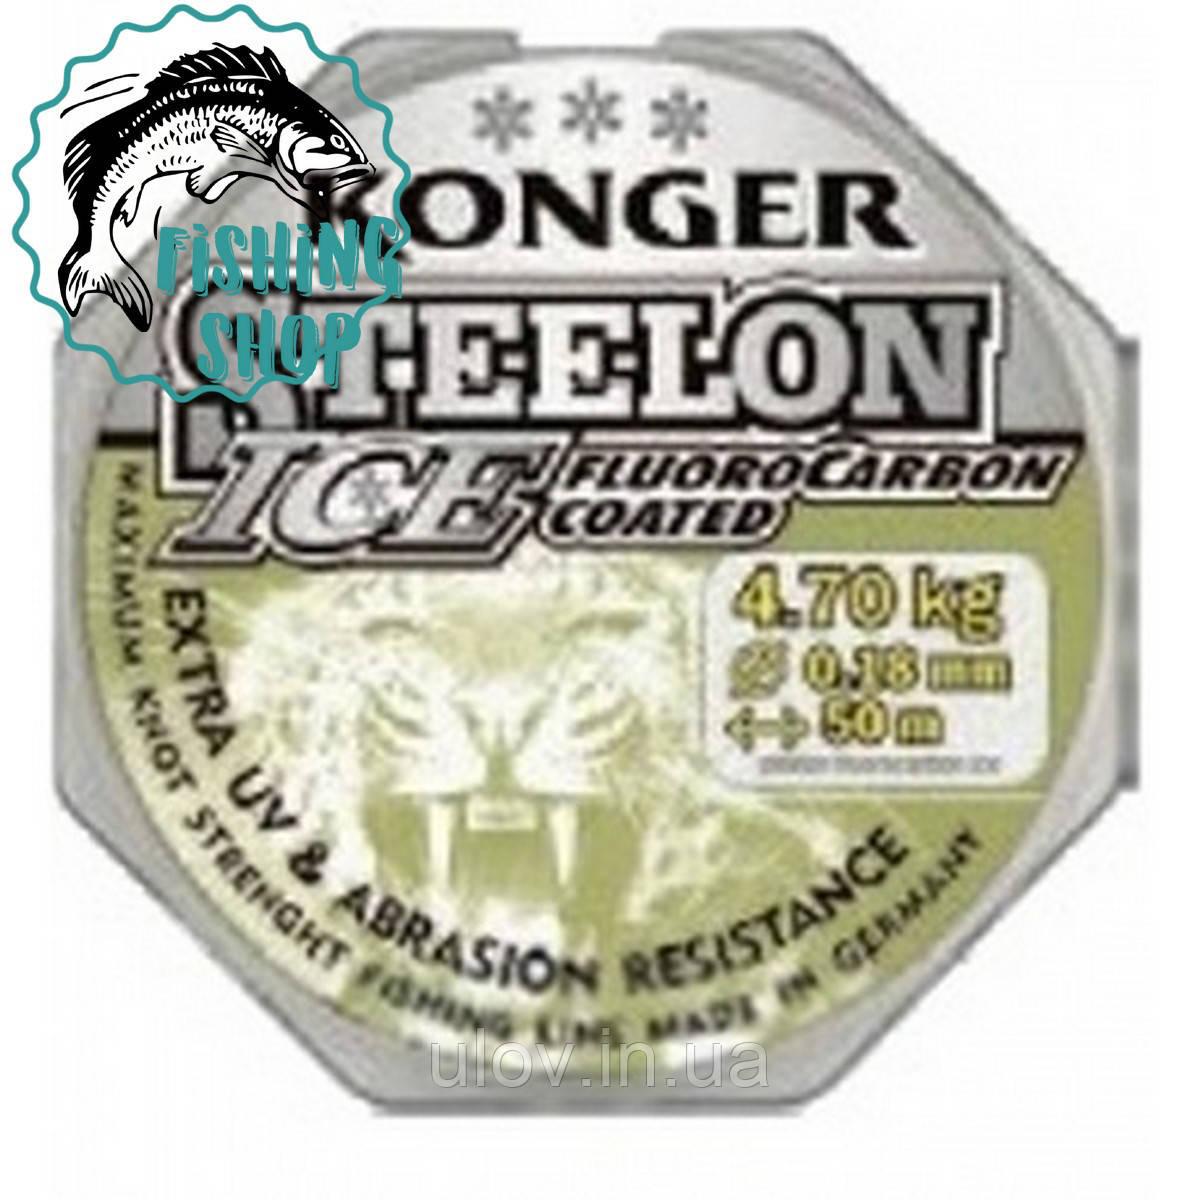 Леска рыболовная Konger Steelon 50m. 0.22